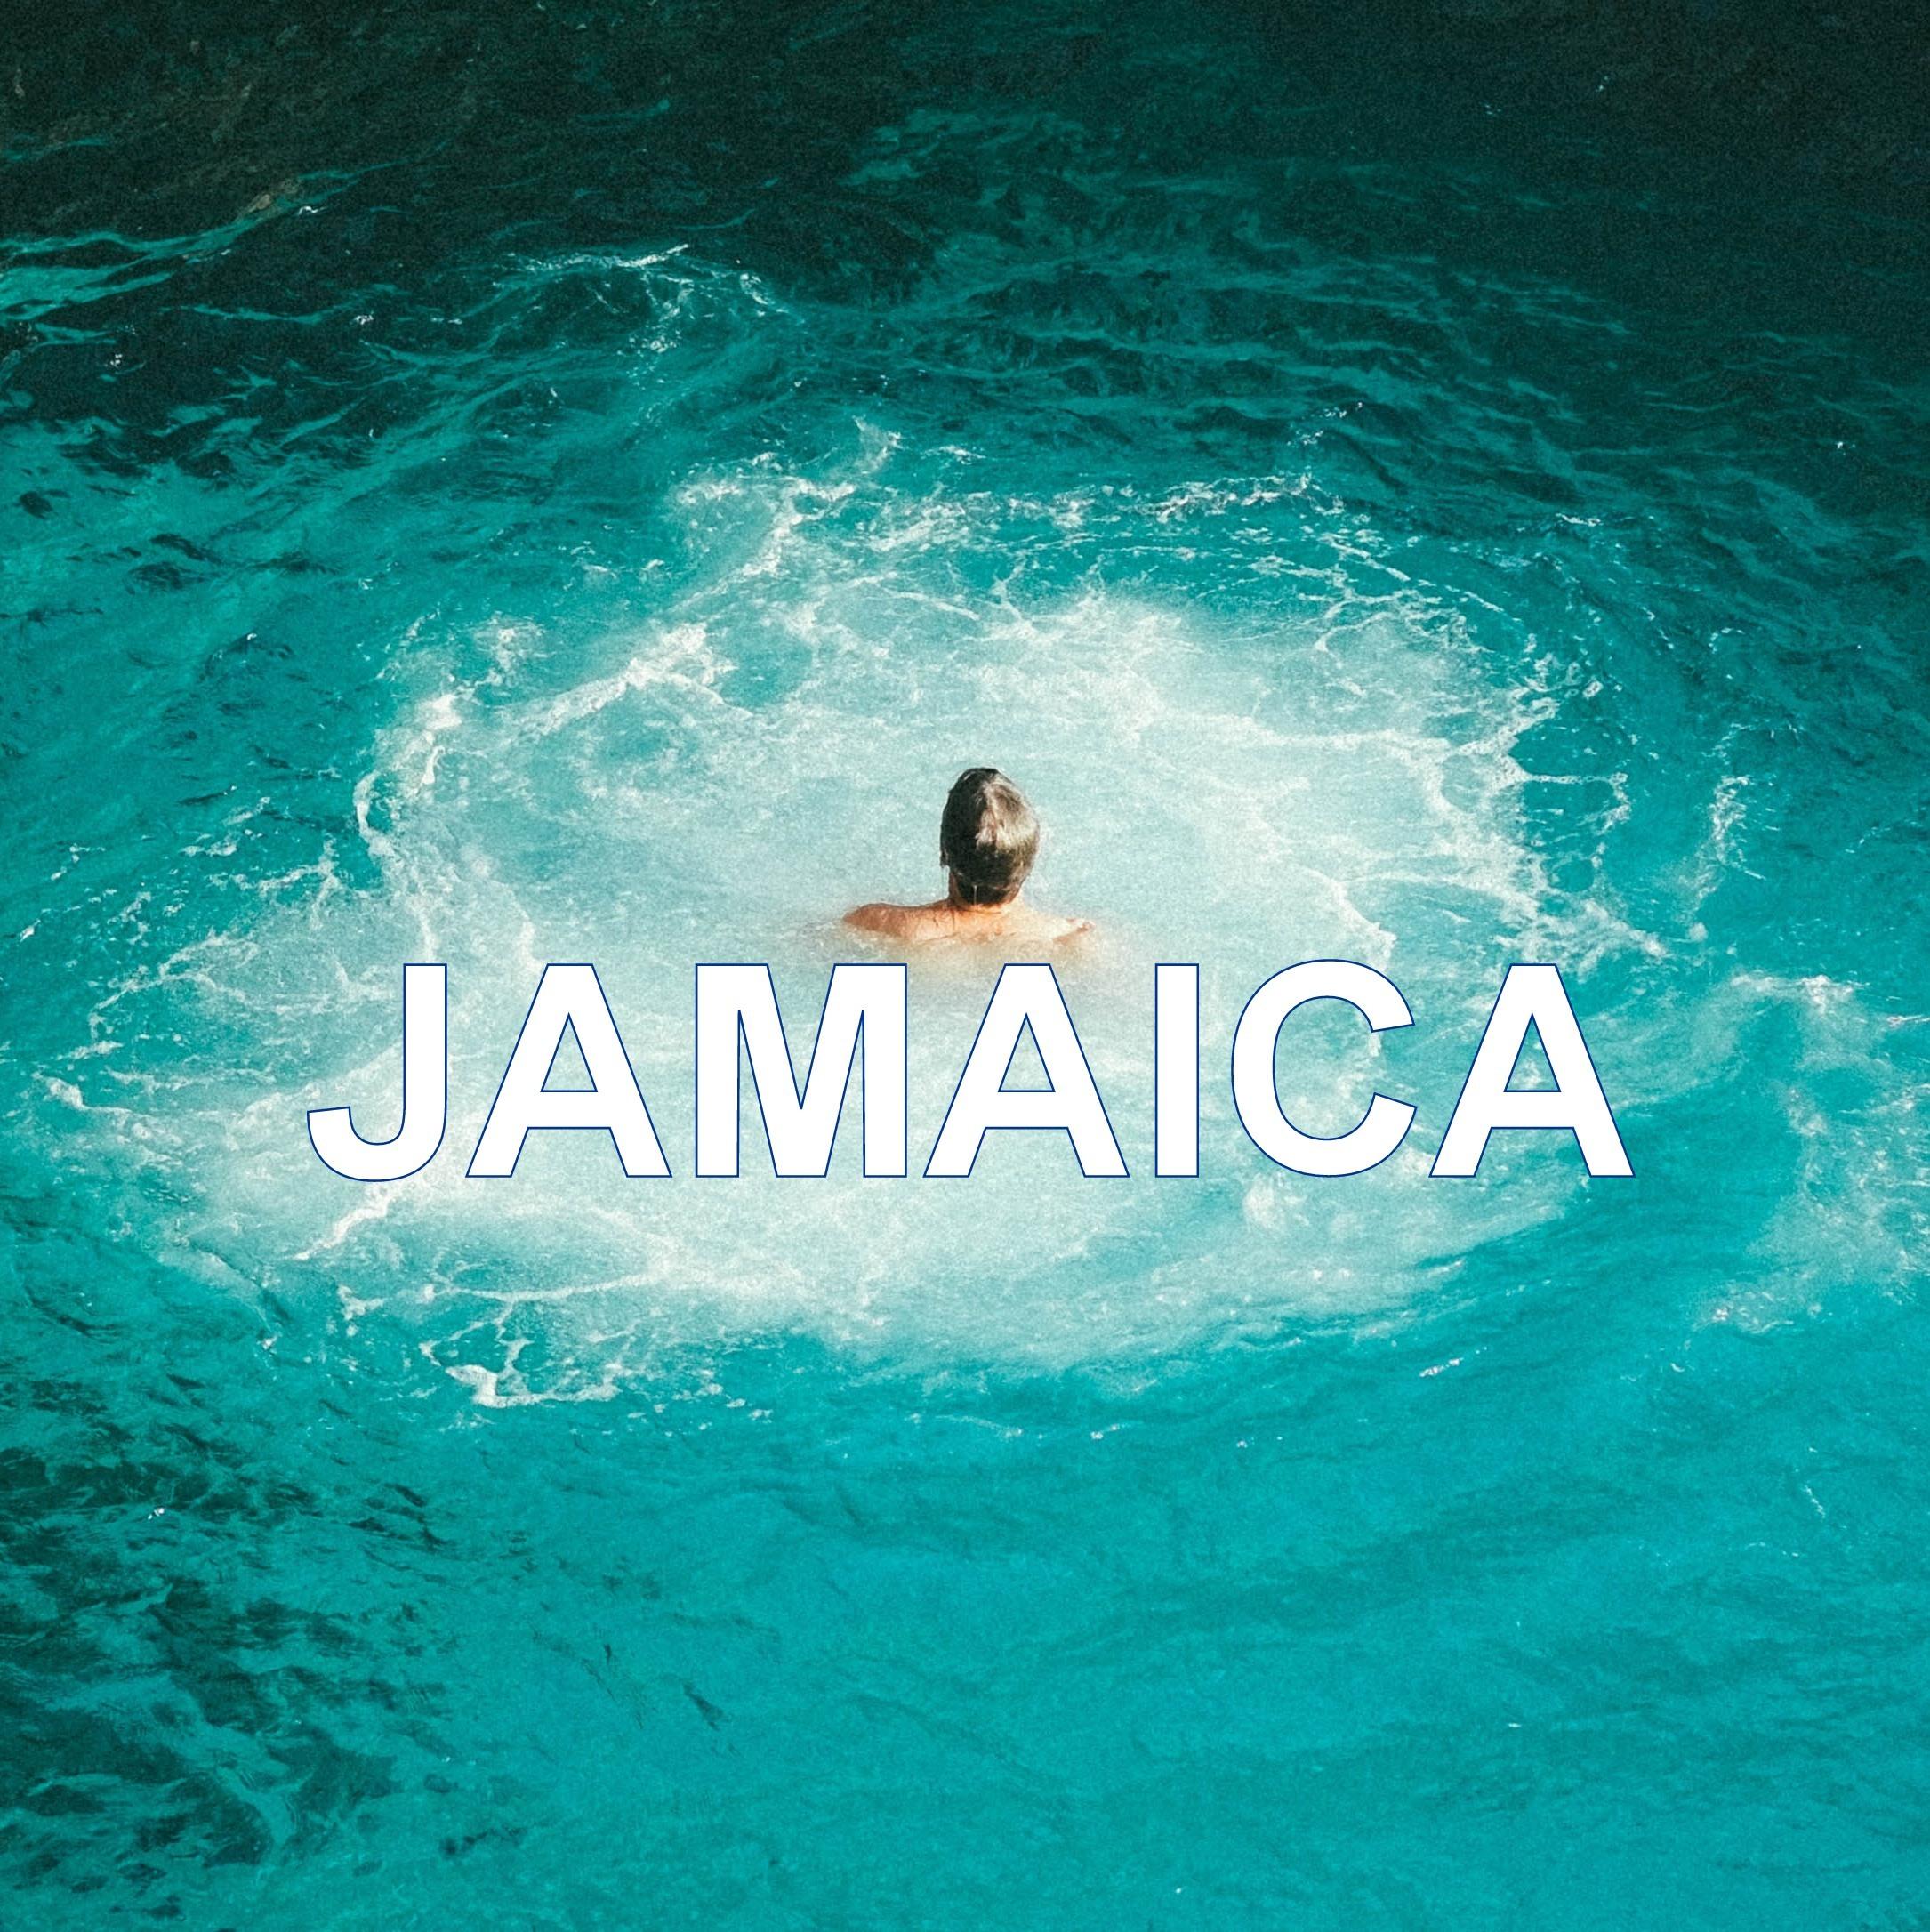 Destination Jamaica